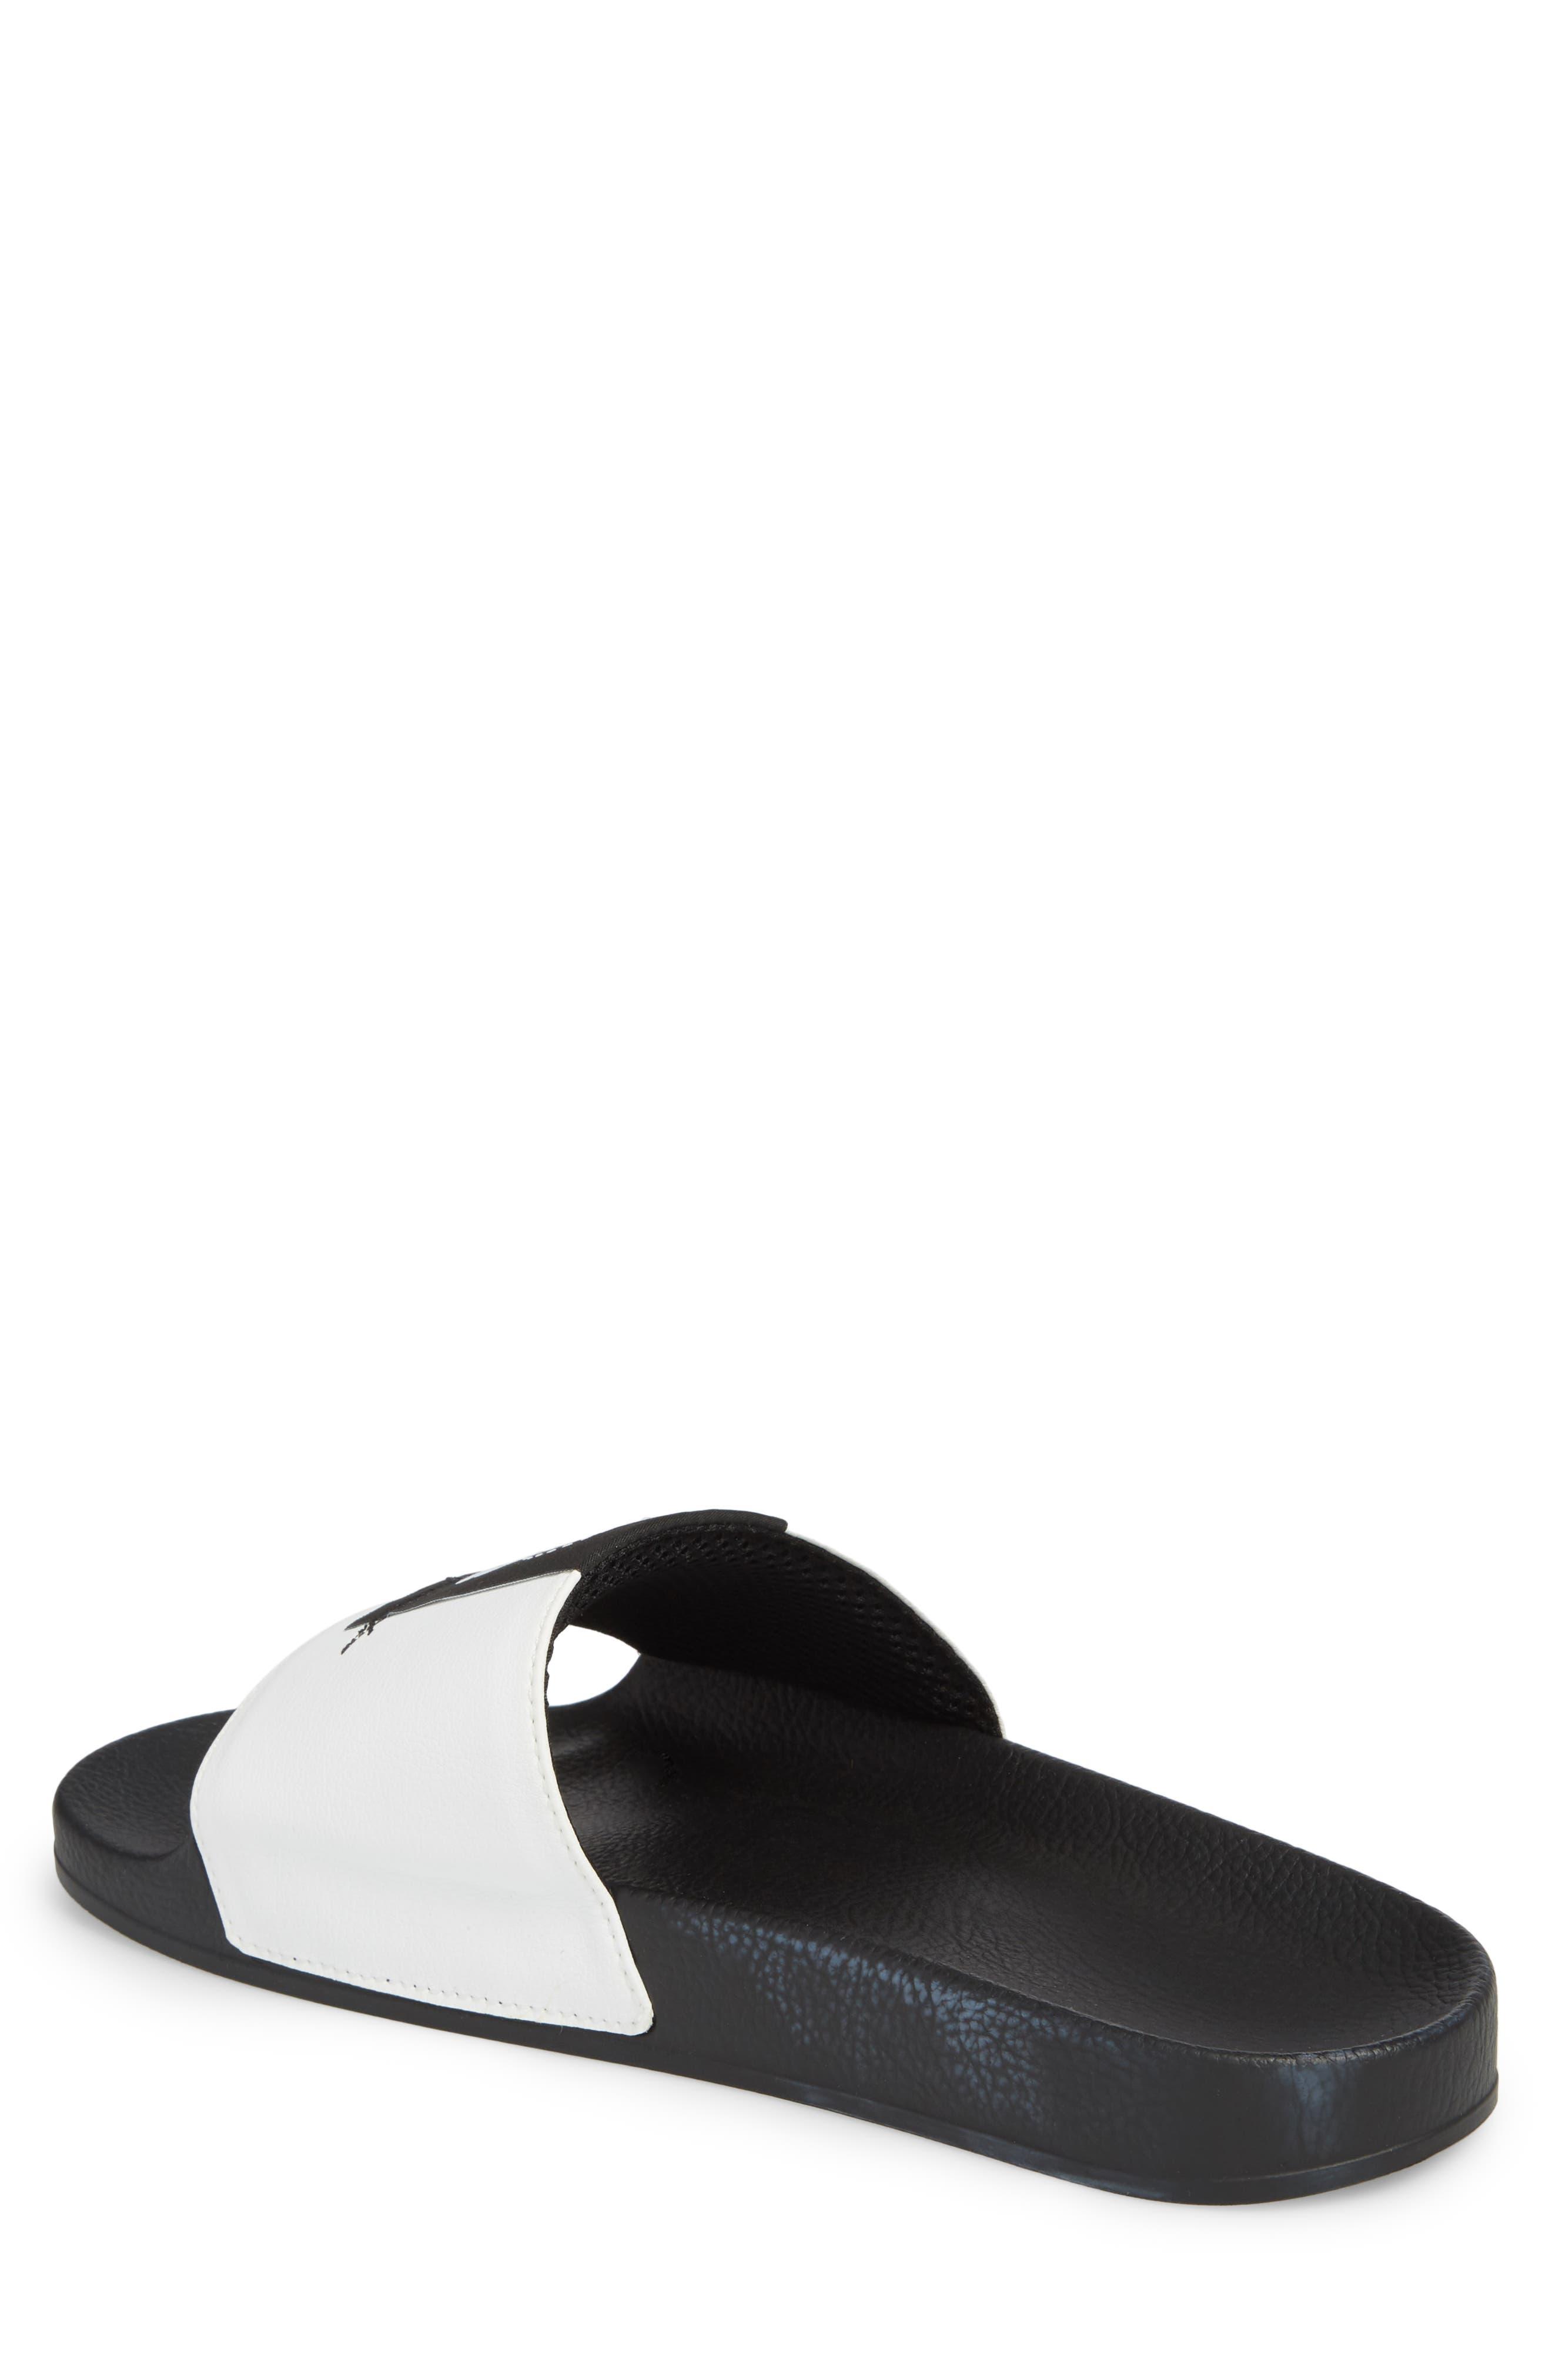 Adilette Slide Sandal,                             Alternate thumbnail 2, color,                             WHITE/ BLACK